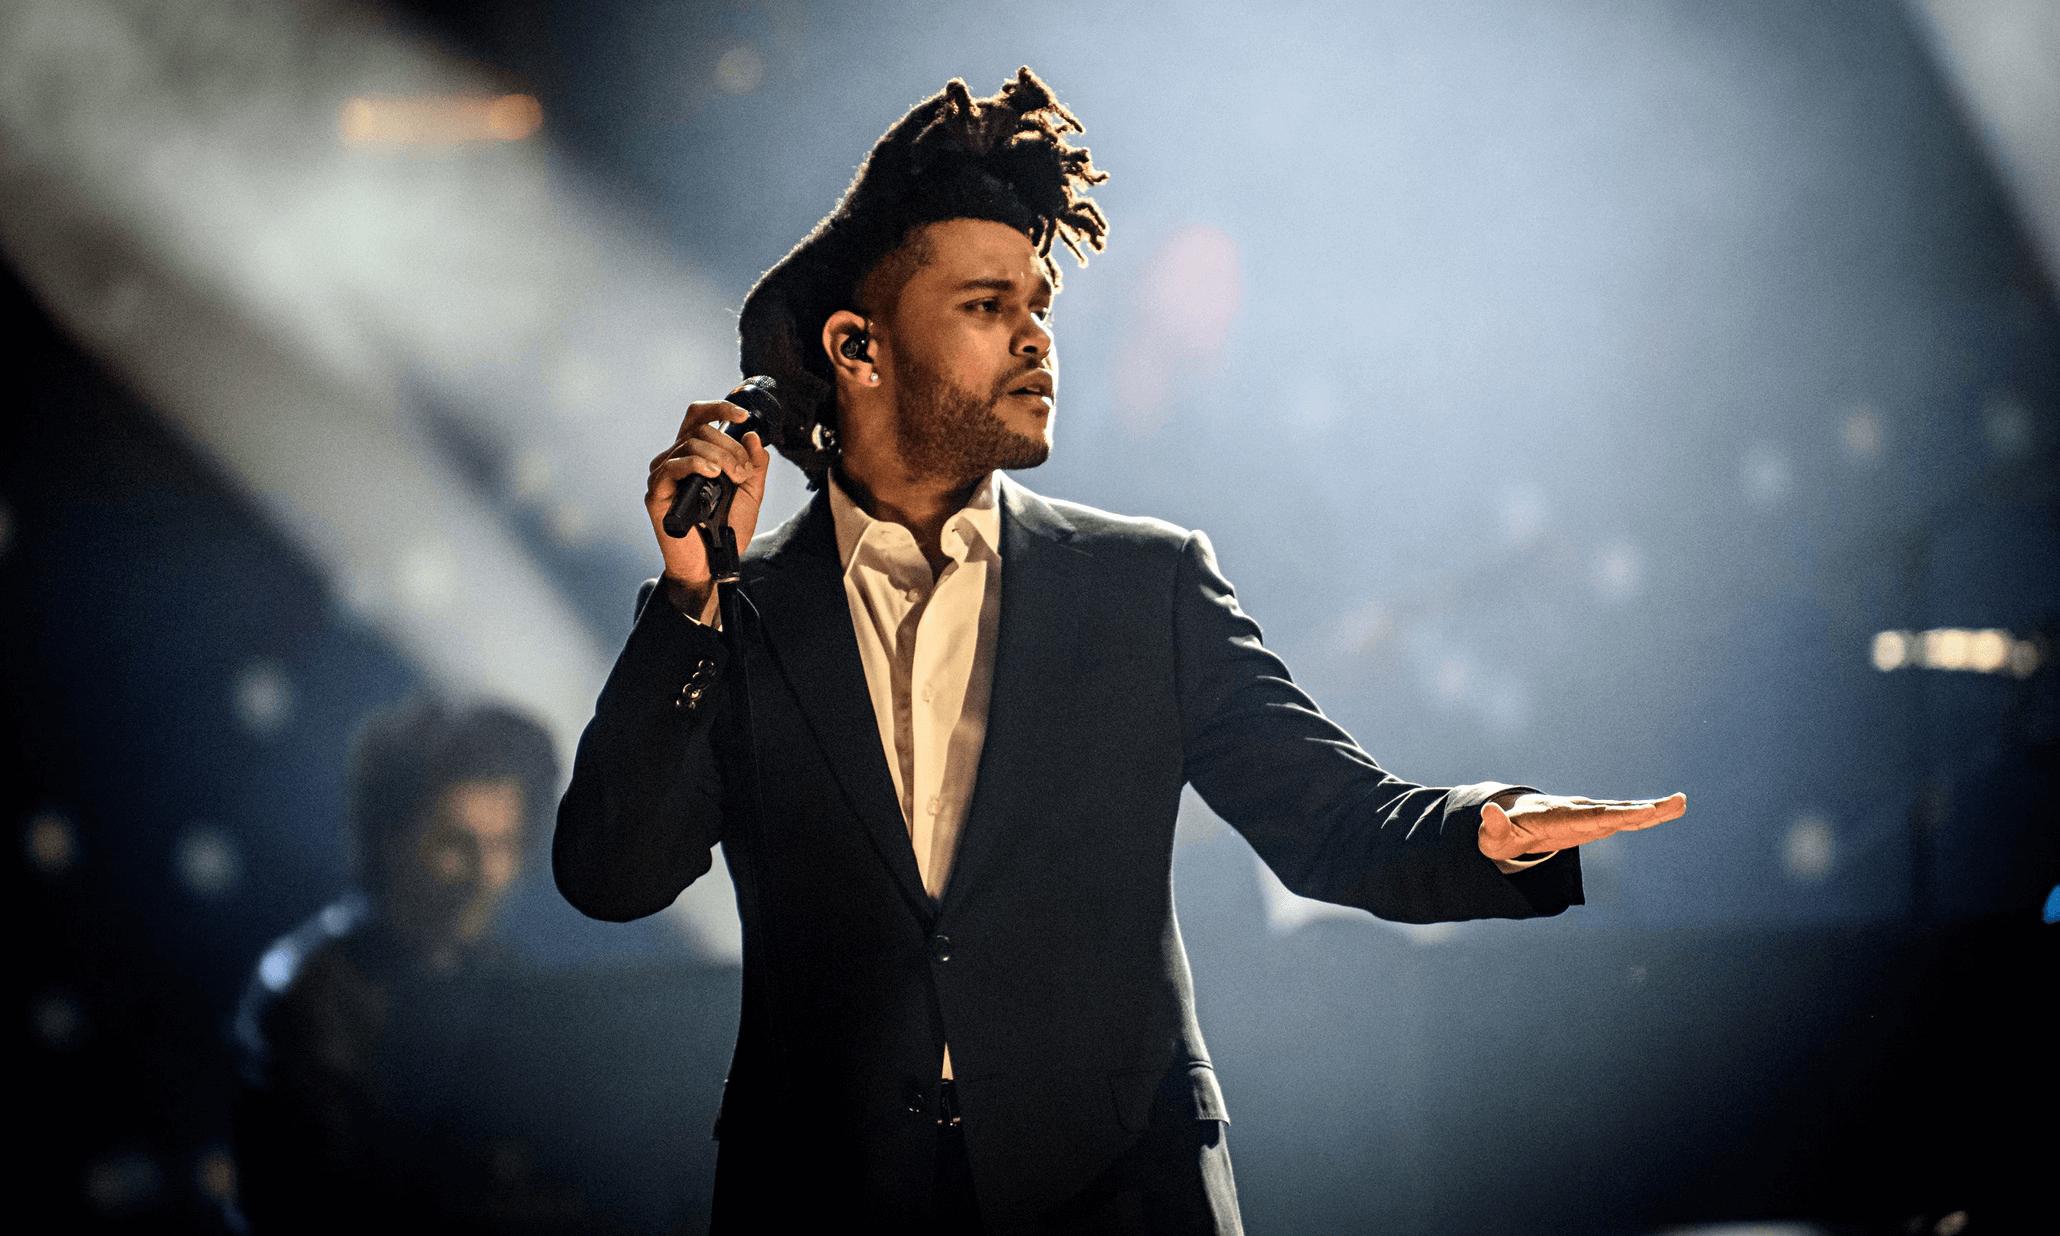 Виды термобелья2 популярные американские песни 2016 быть белье